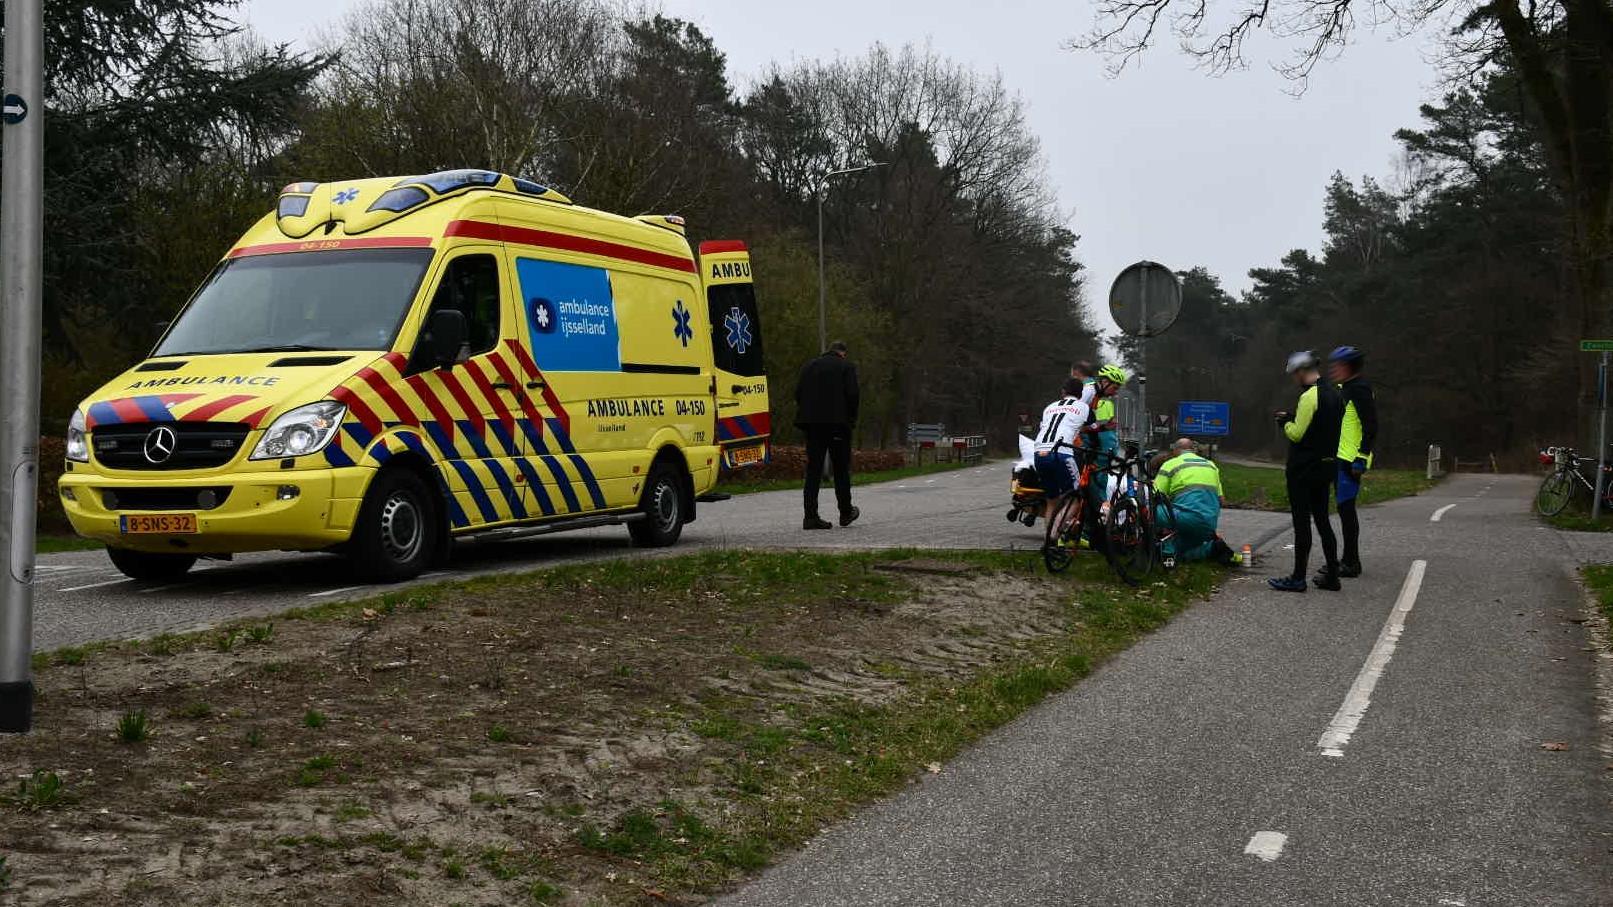 Wielrenner naar ziekenhuis na ongeluk in Beerze.